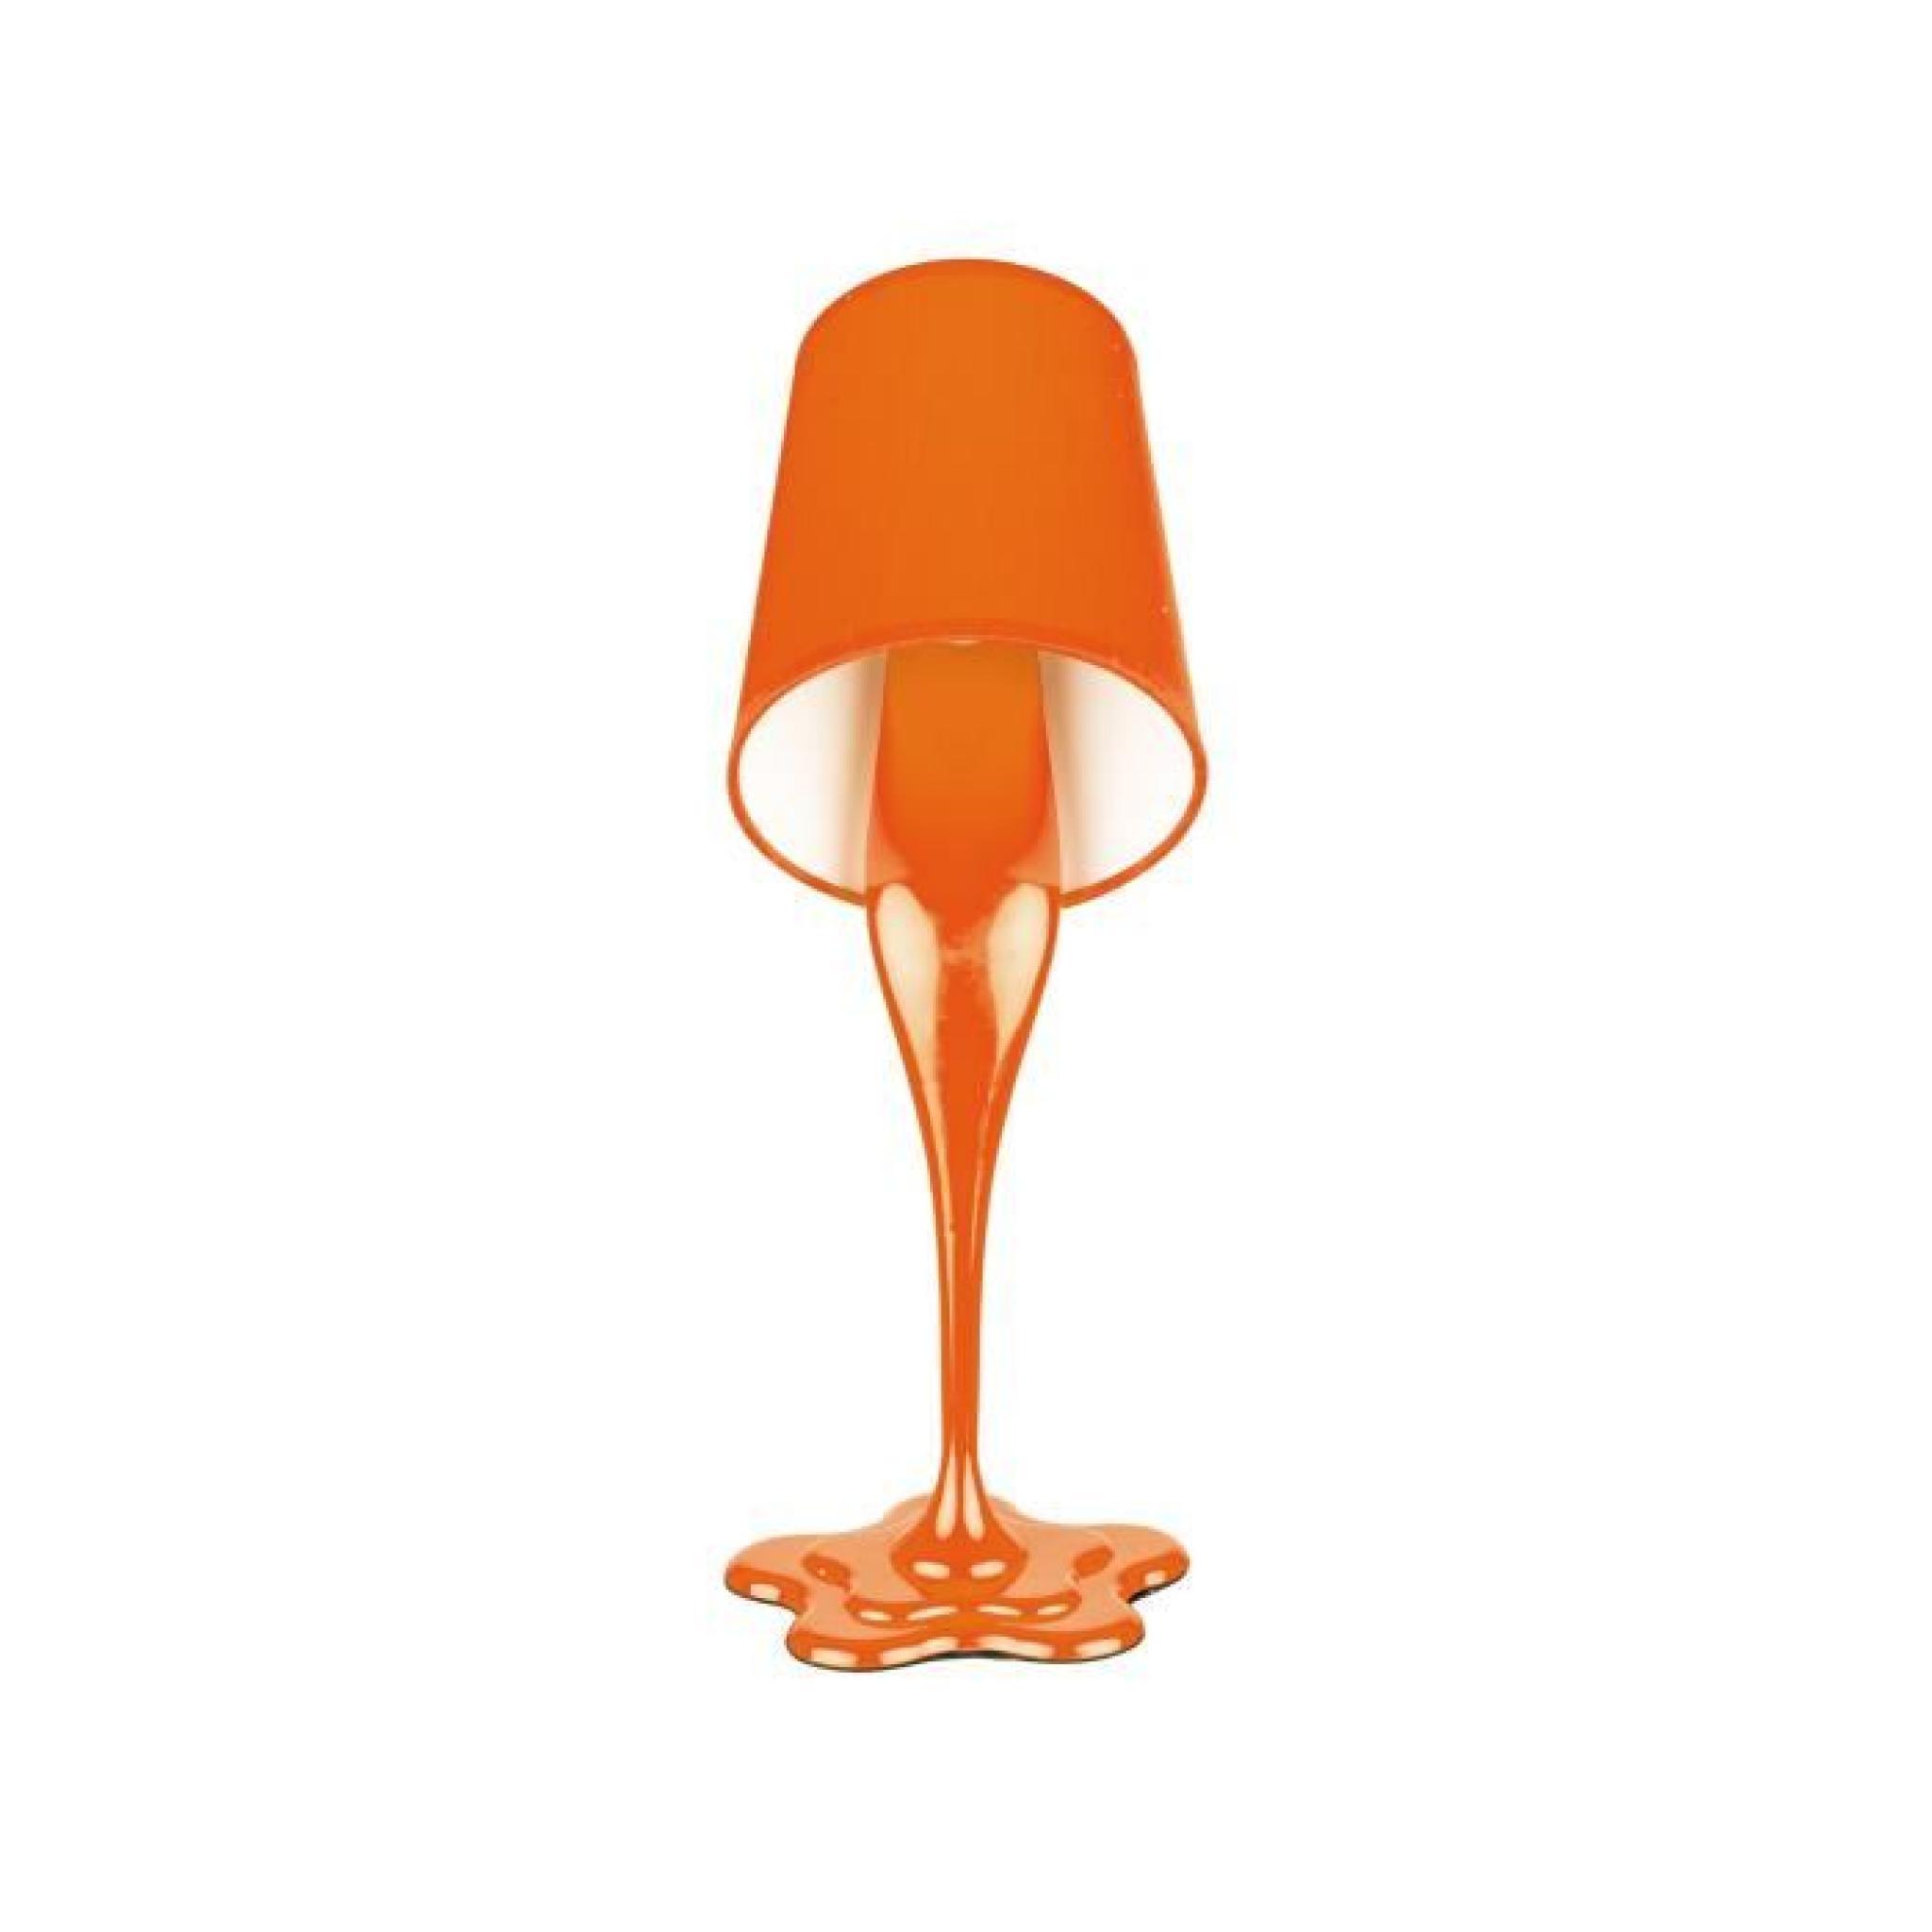 Lampe design pot peinture